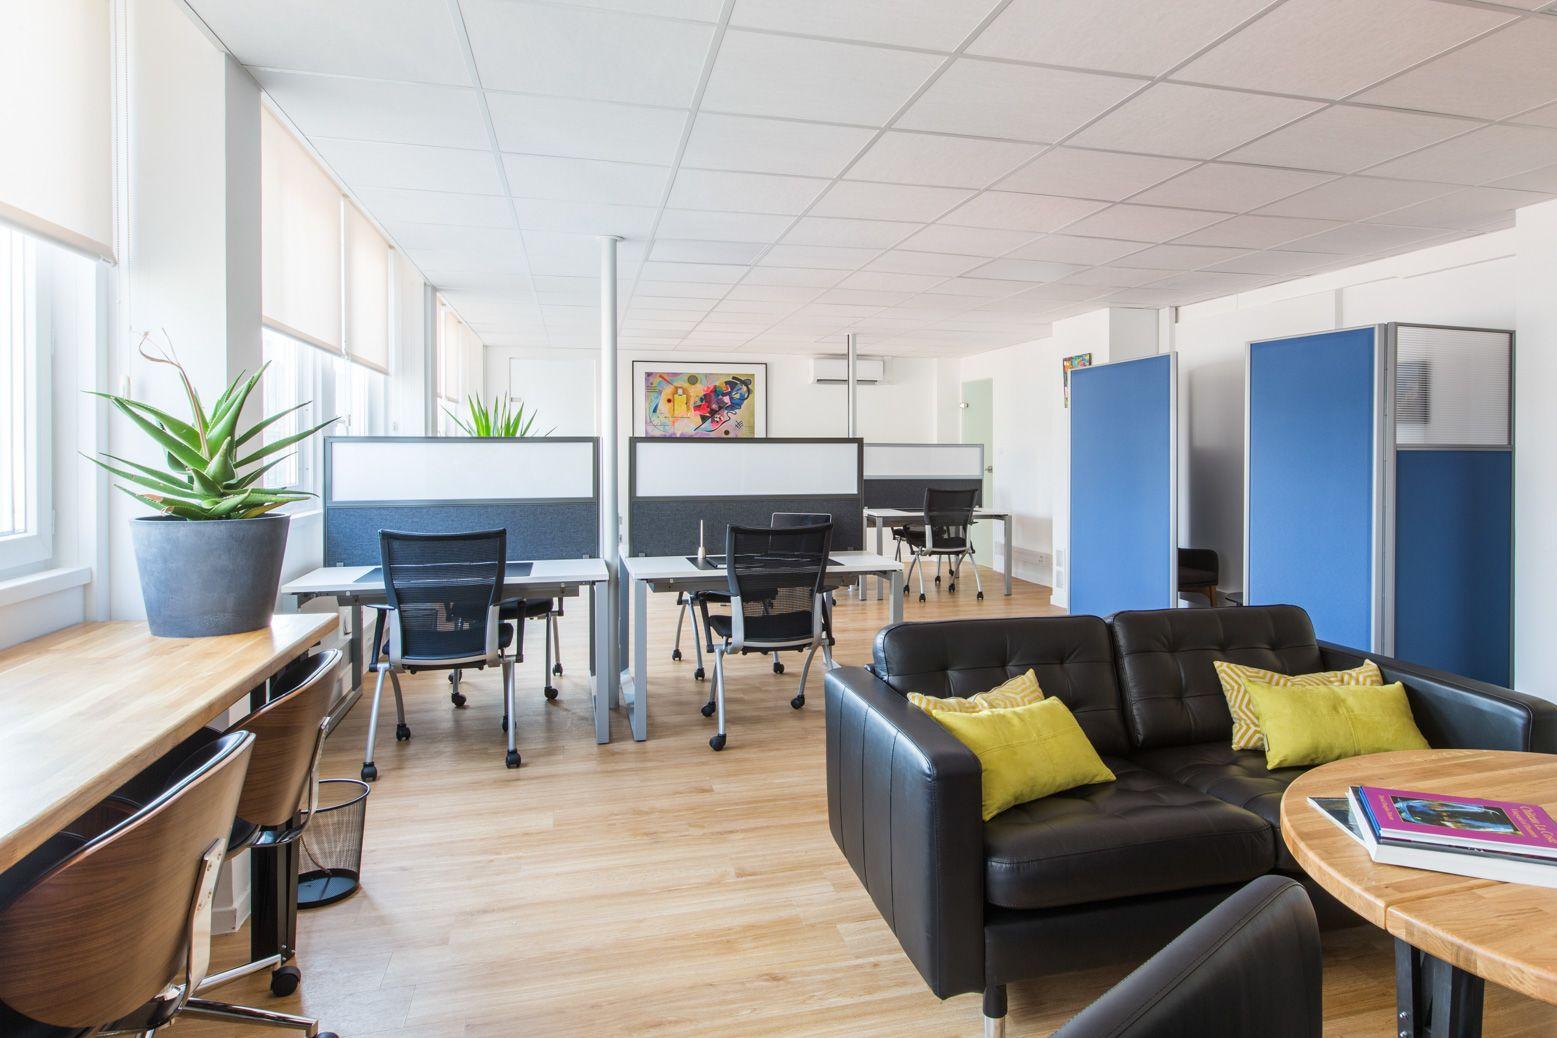 espace partagé d'une capacité de 3 personnes à Marseille